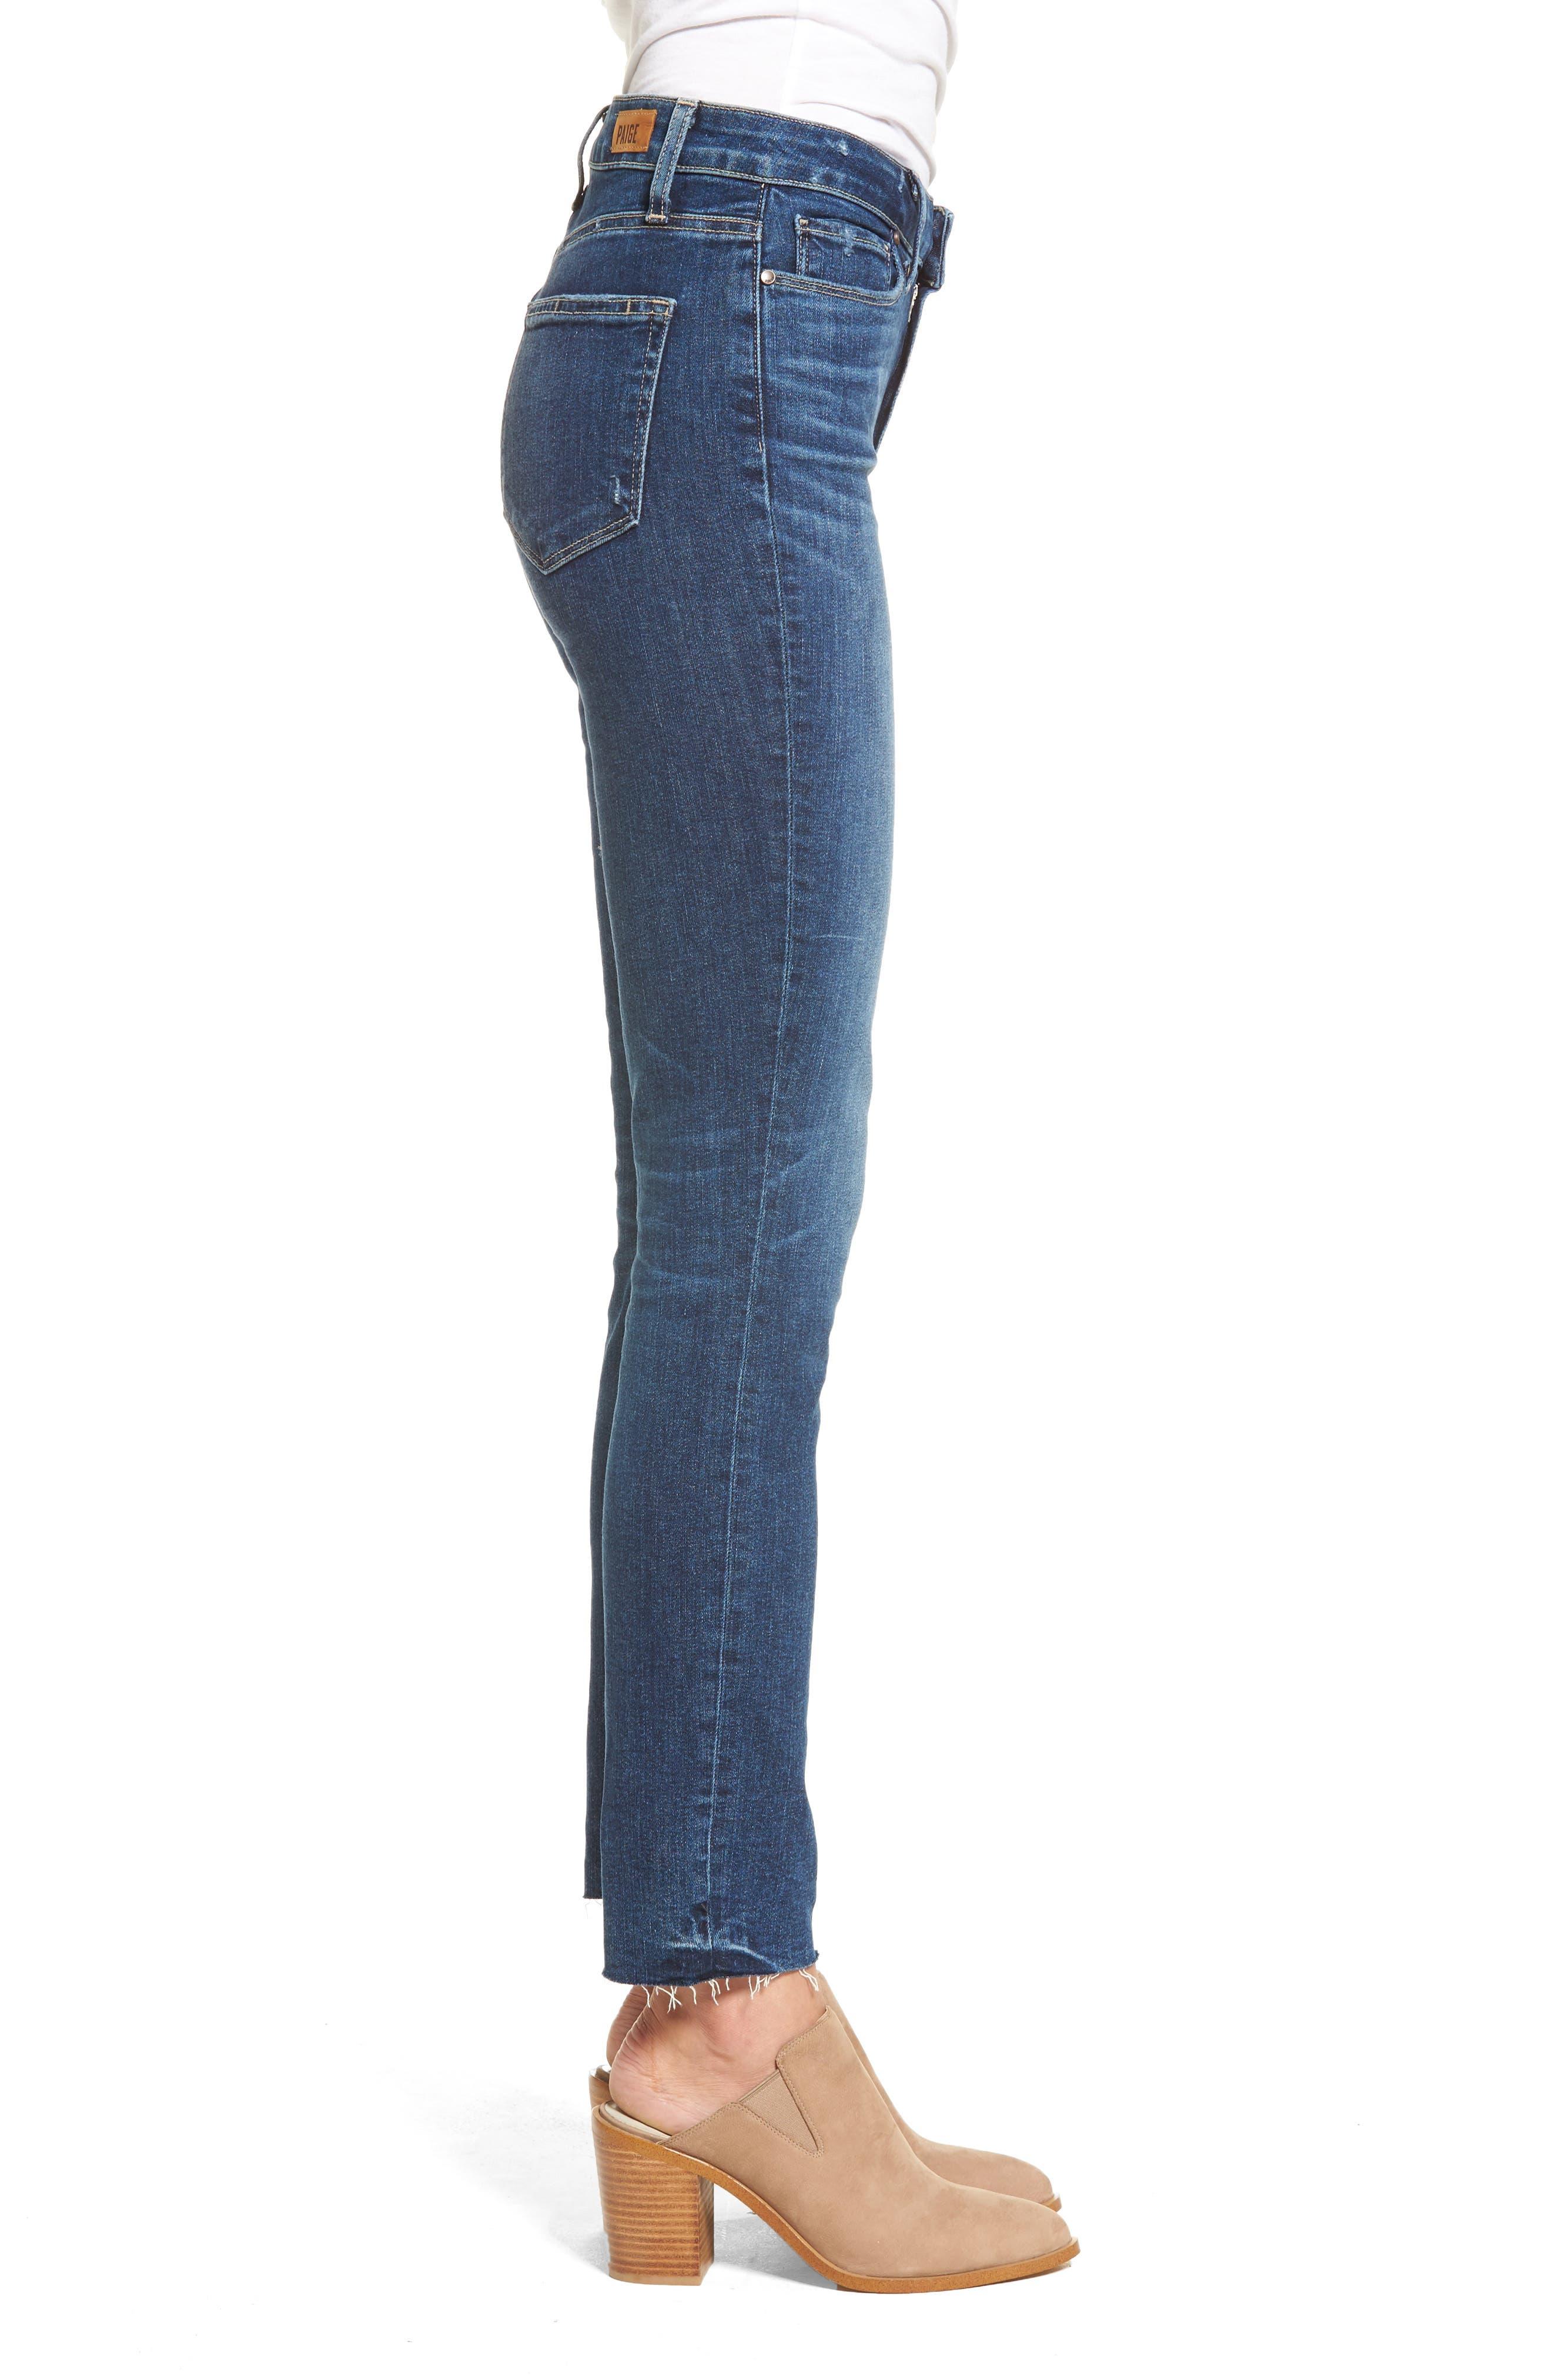 Transcend Vintage - Hoxton High Waist Ankle Peg Jeans,                             Alternate thumbnail 4, color,                             Riviera